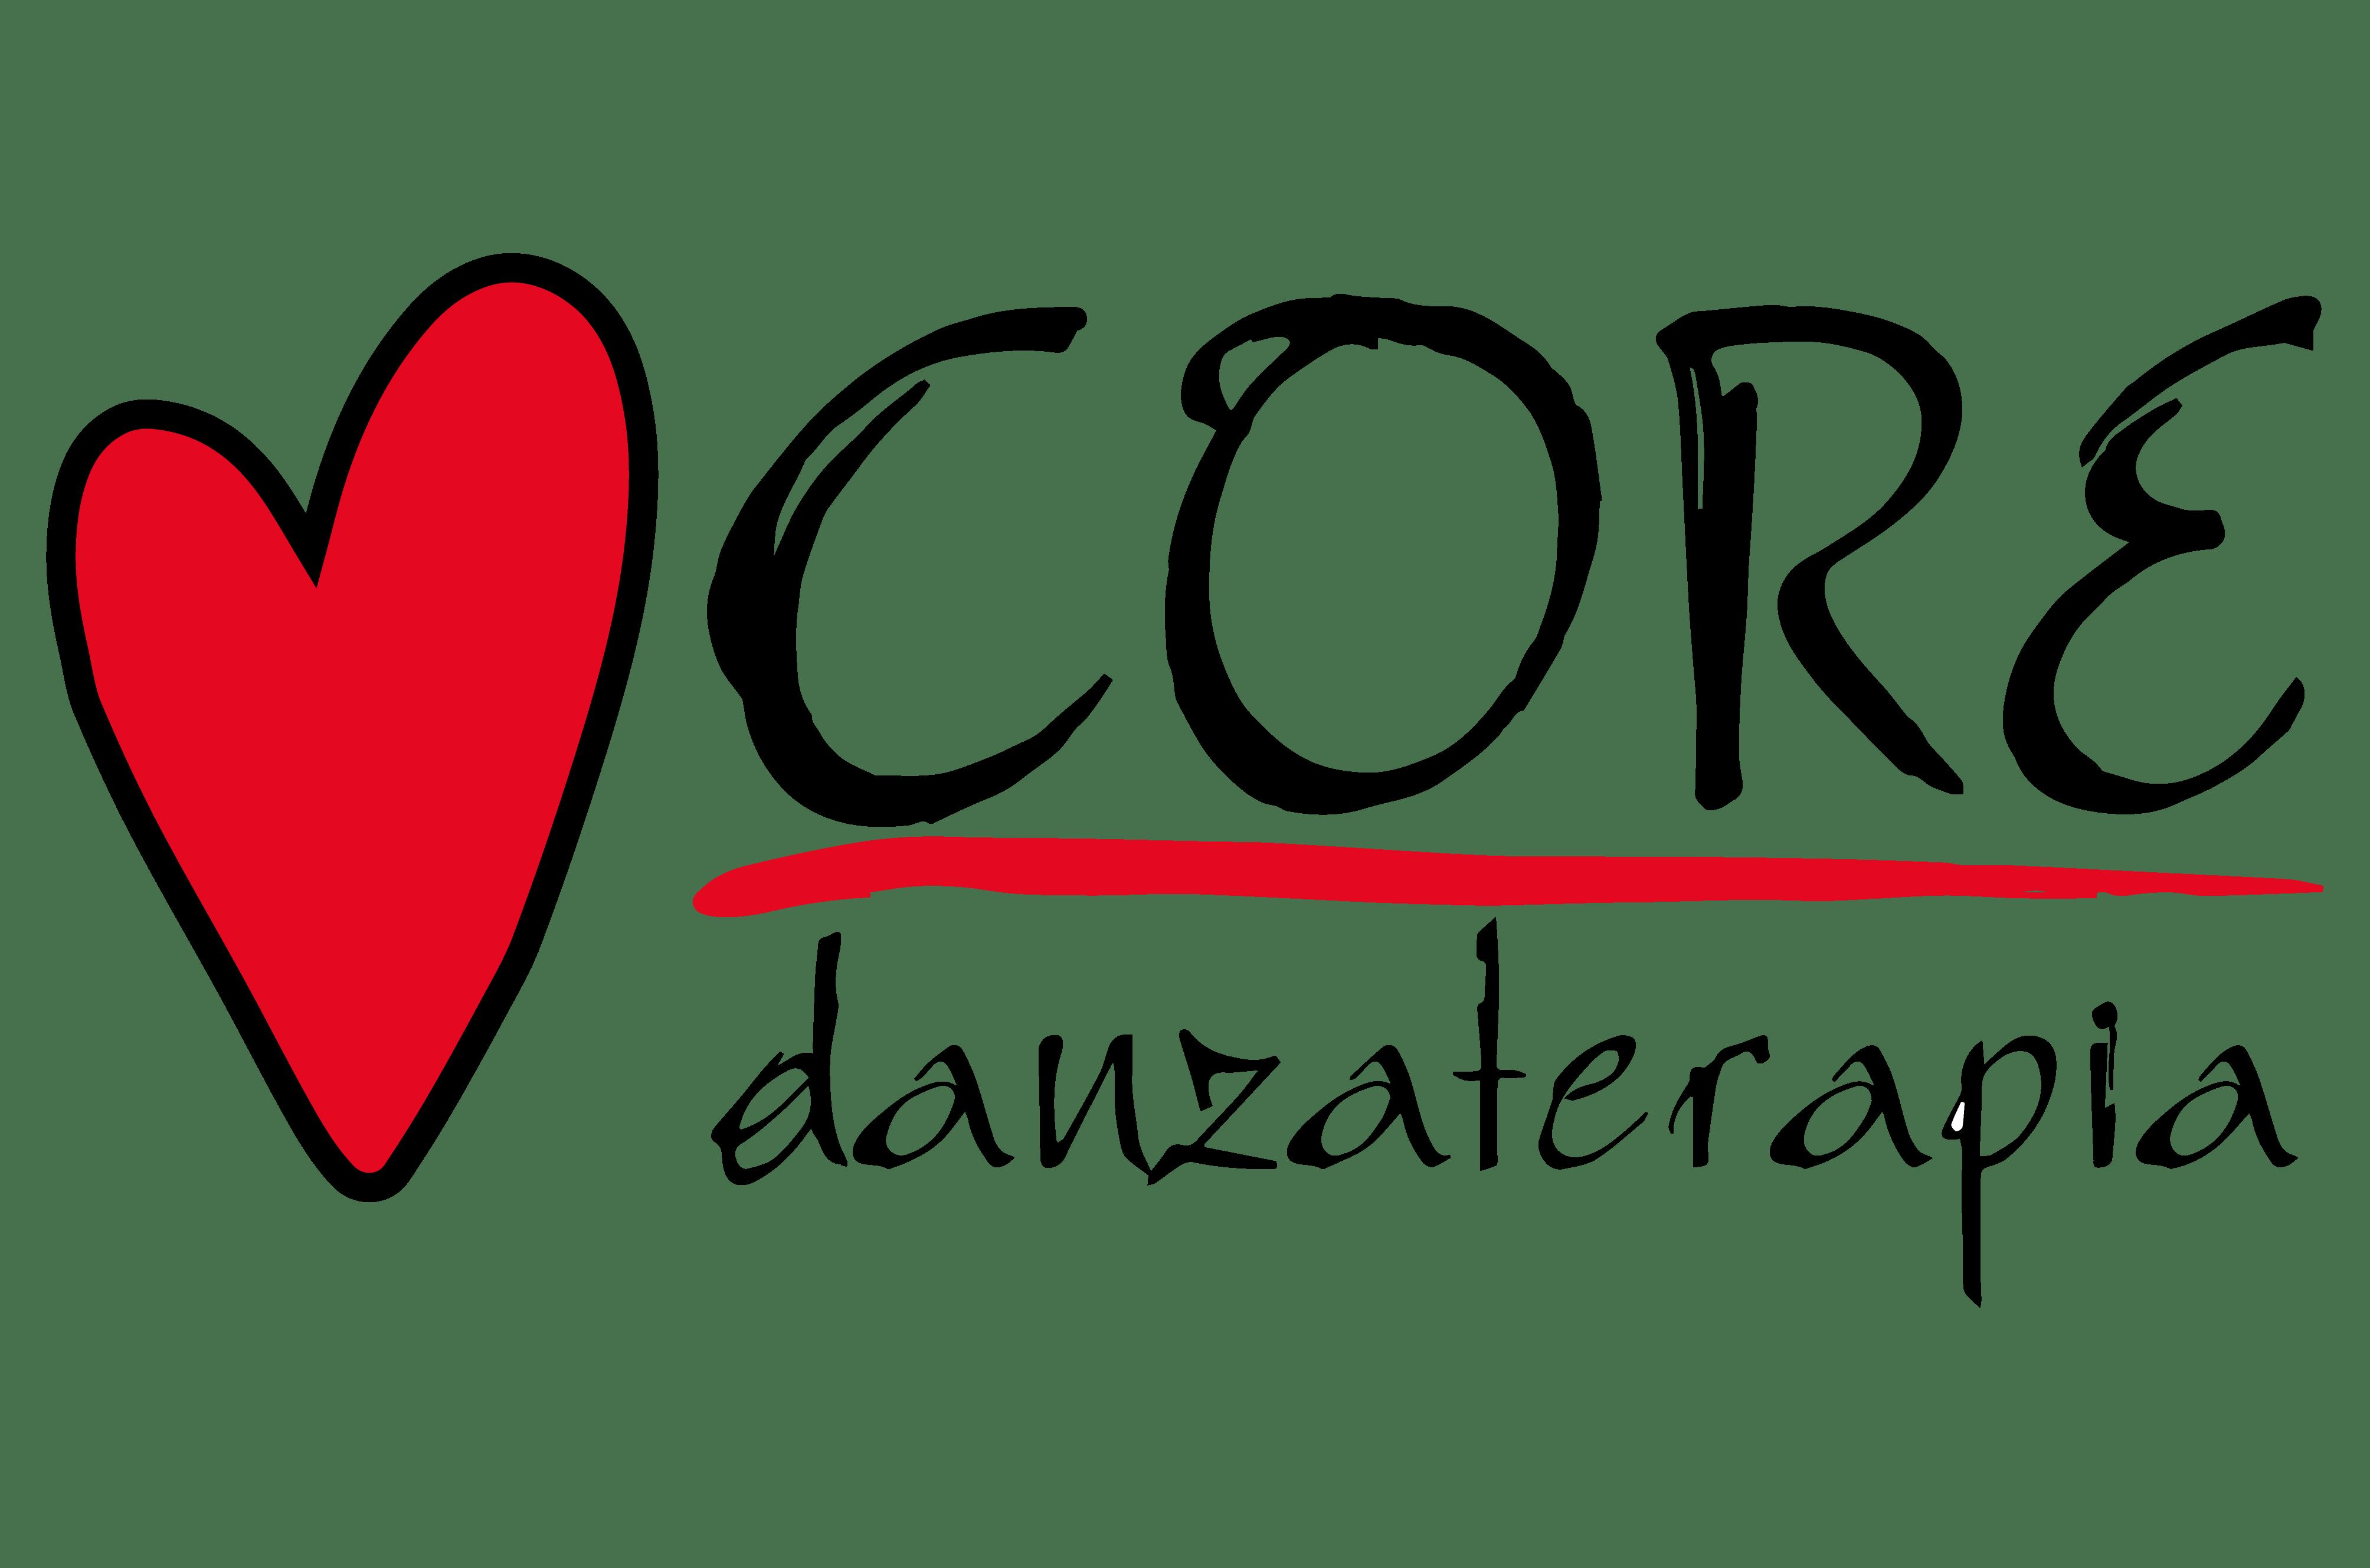 LOGO CORE TRAZO curvas-04[33325]